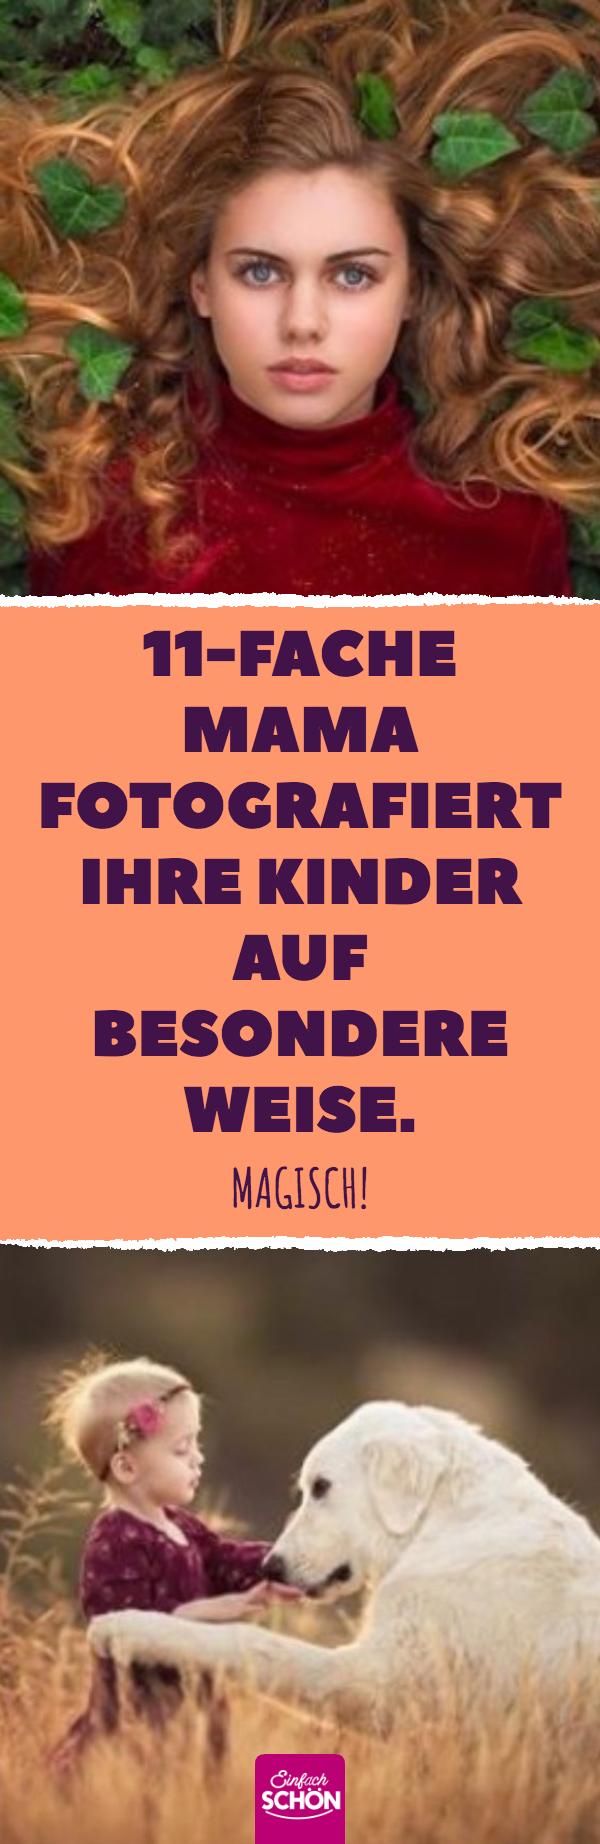 11-fache Mama fotografiert ihre Kinder auf besondere Weise.